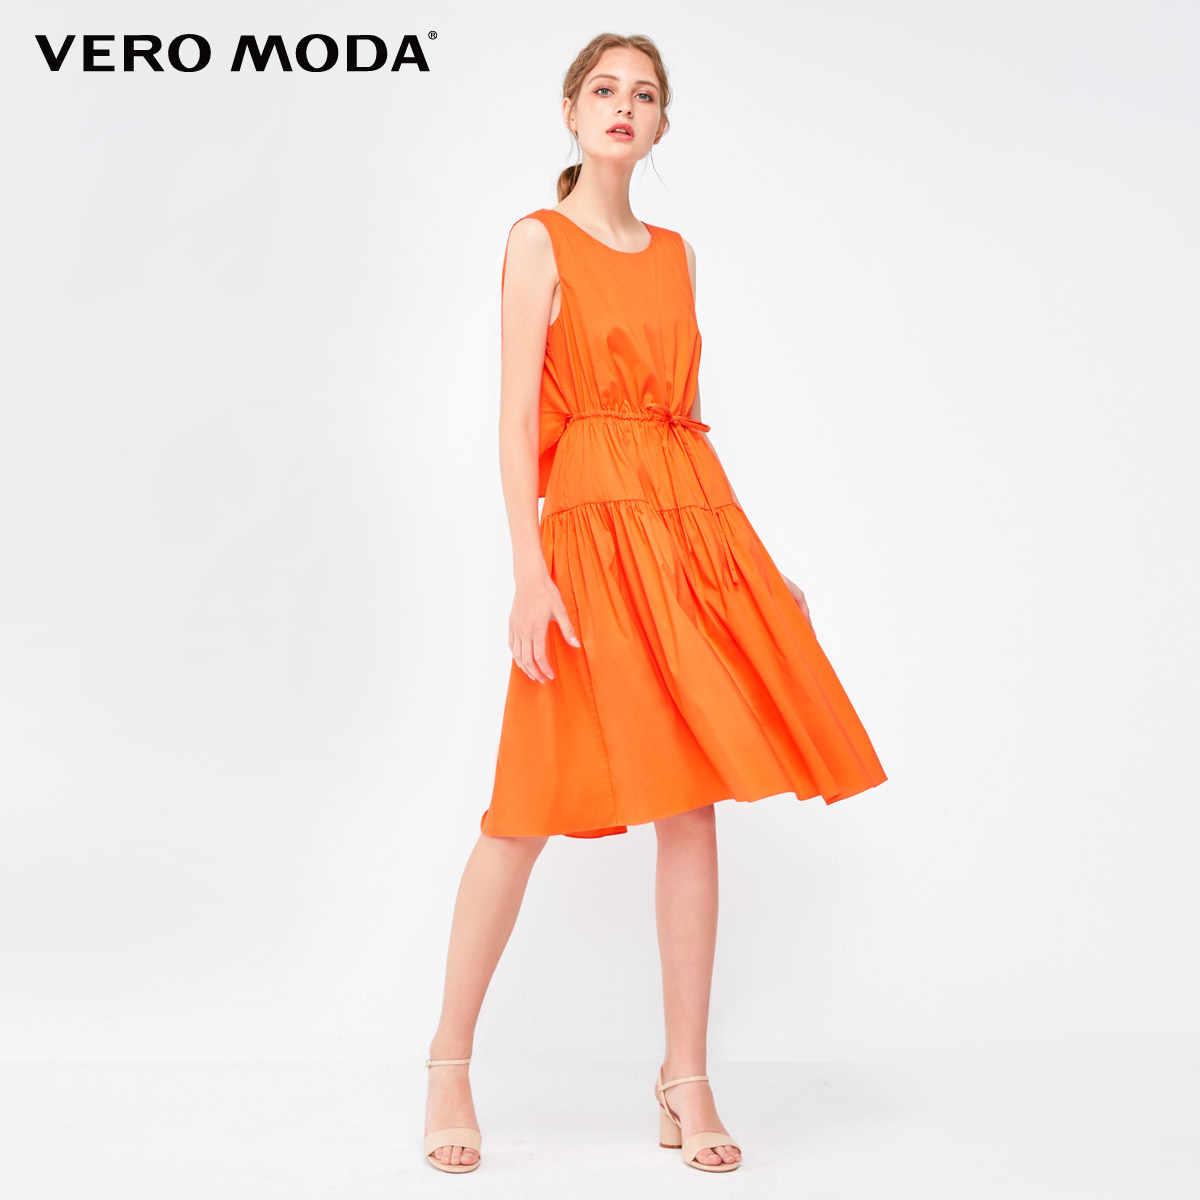 Vero Moda/летние миди-платья трапециевидной формы без рукавов с декоративным шнурком 2019 | 31837A512